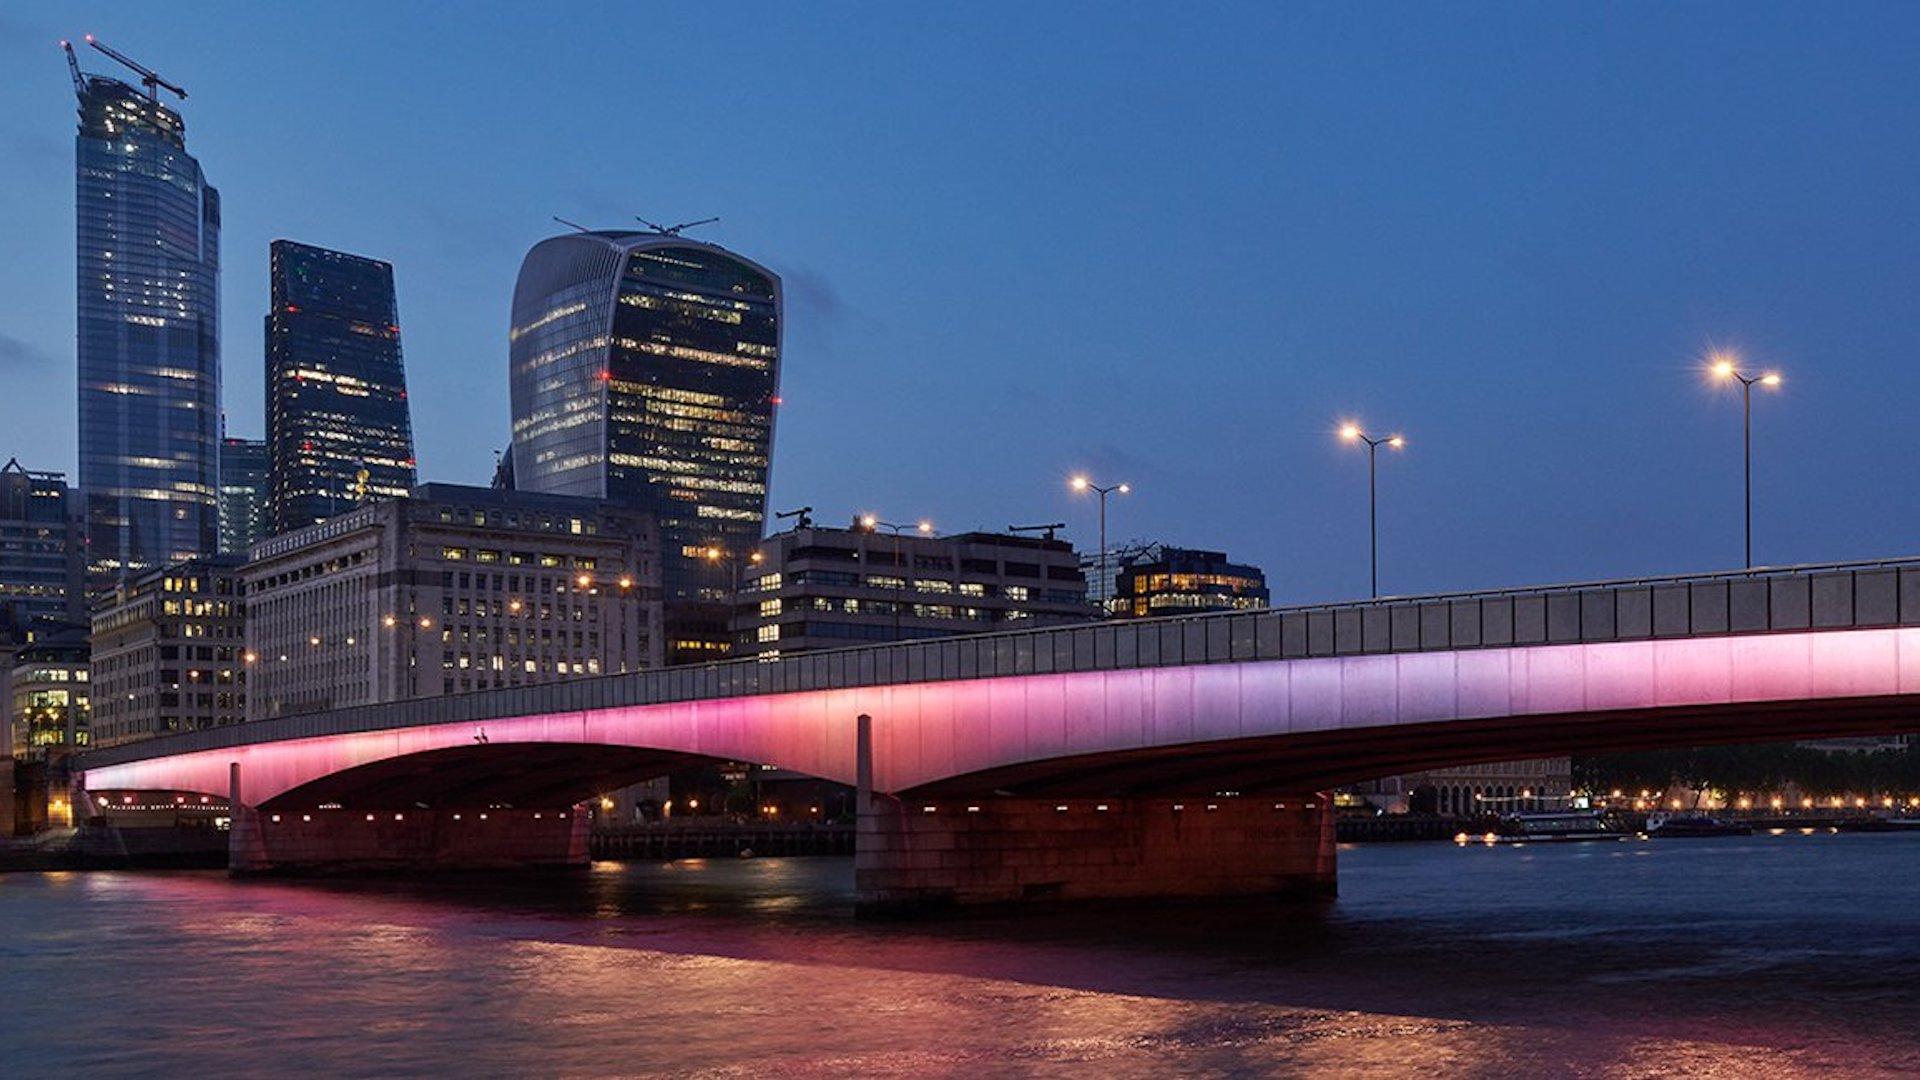 Londres luce más colorida: iluminan los puentes sobre el río Támesis